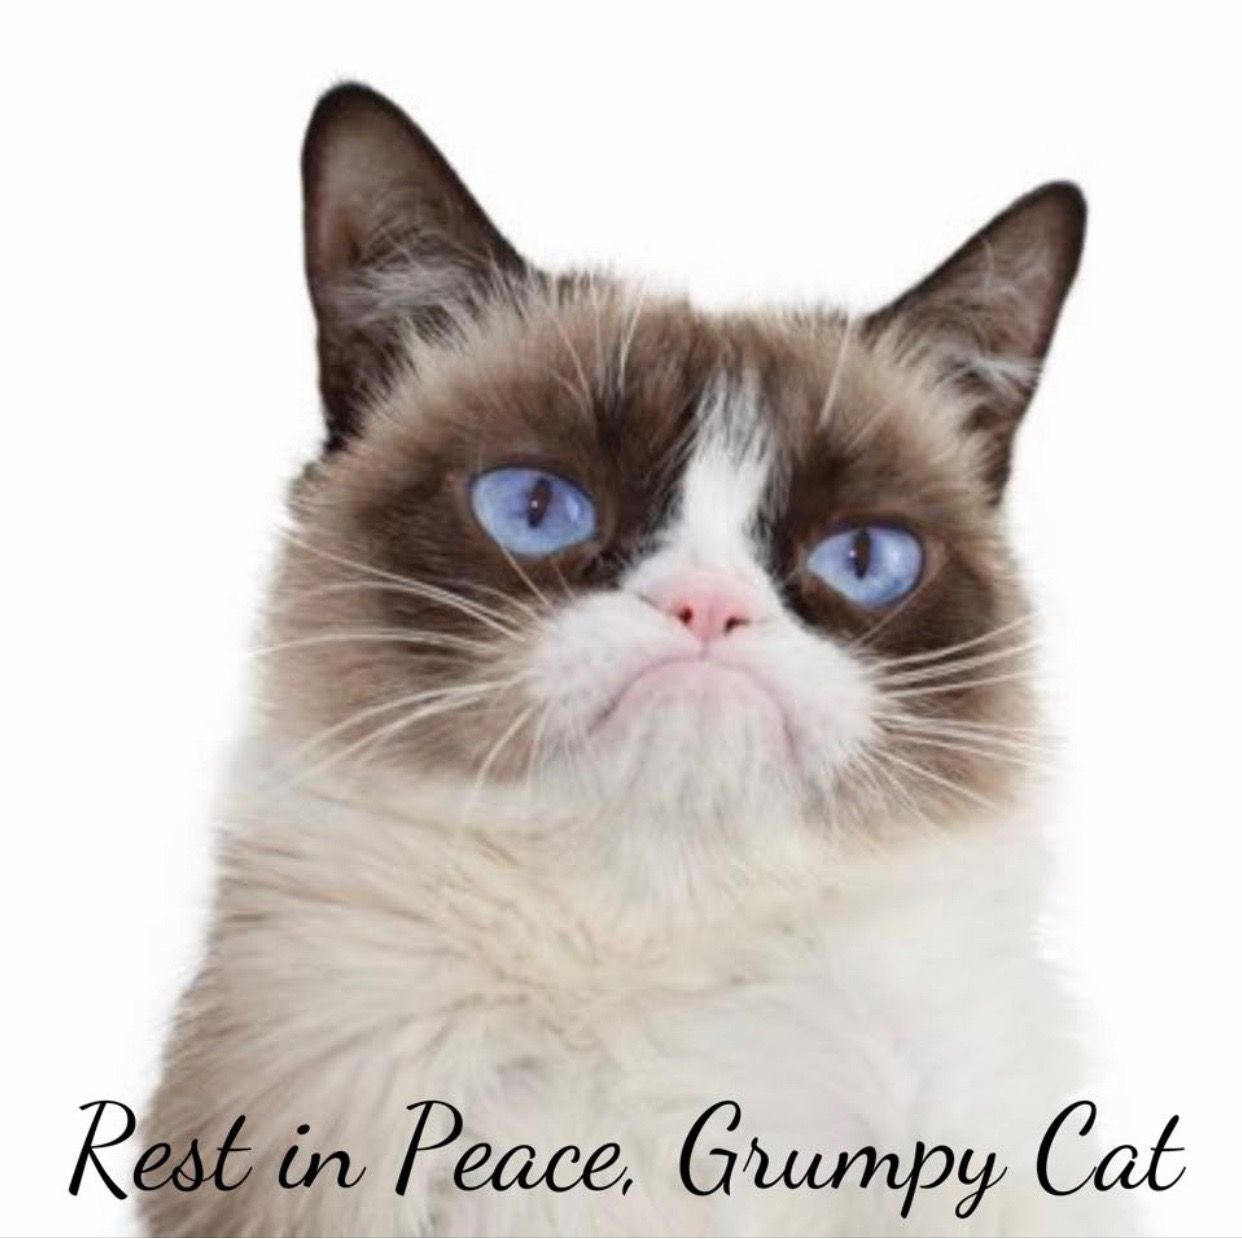 51419 Grumpy cat, Grumpy cat quotes, Cats